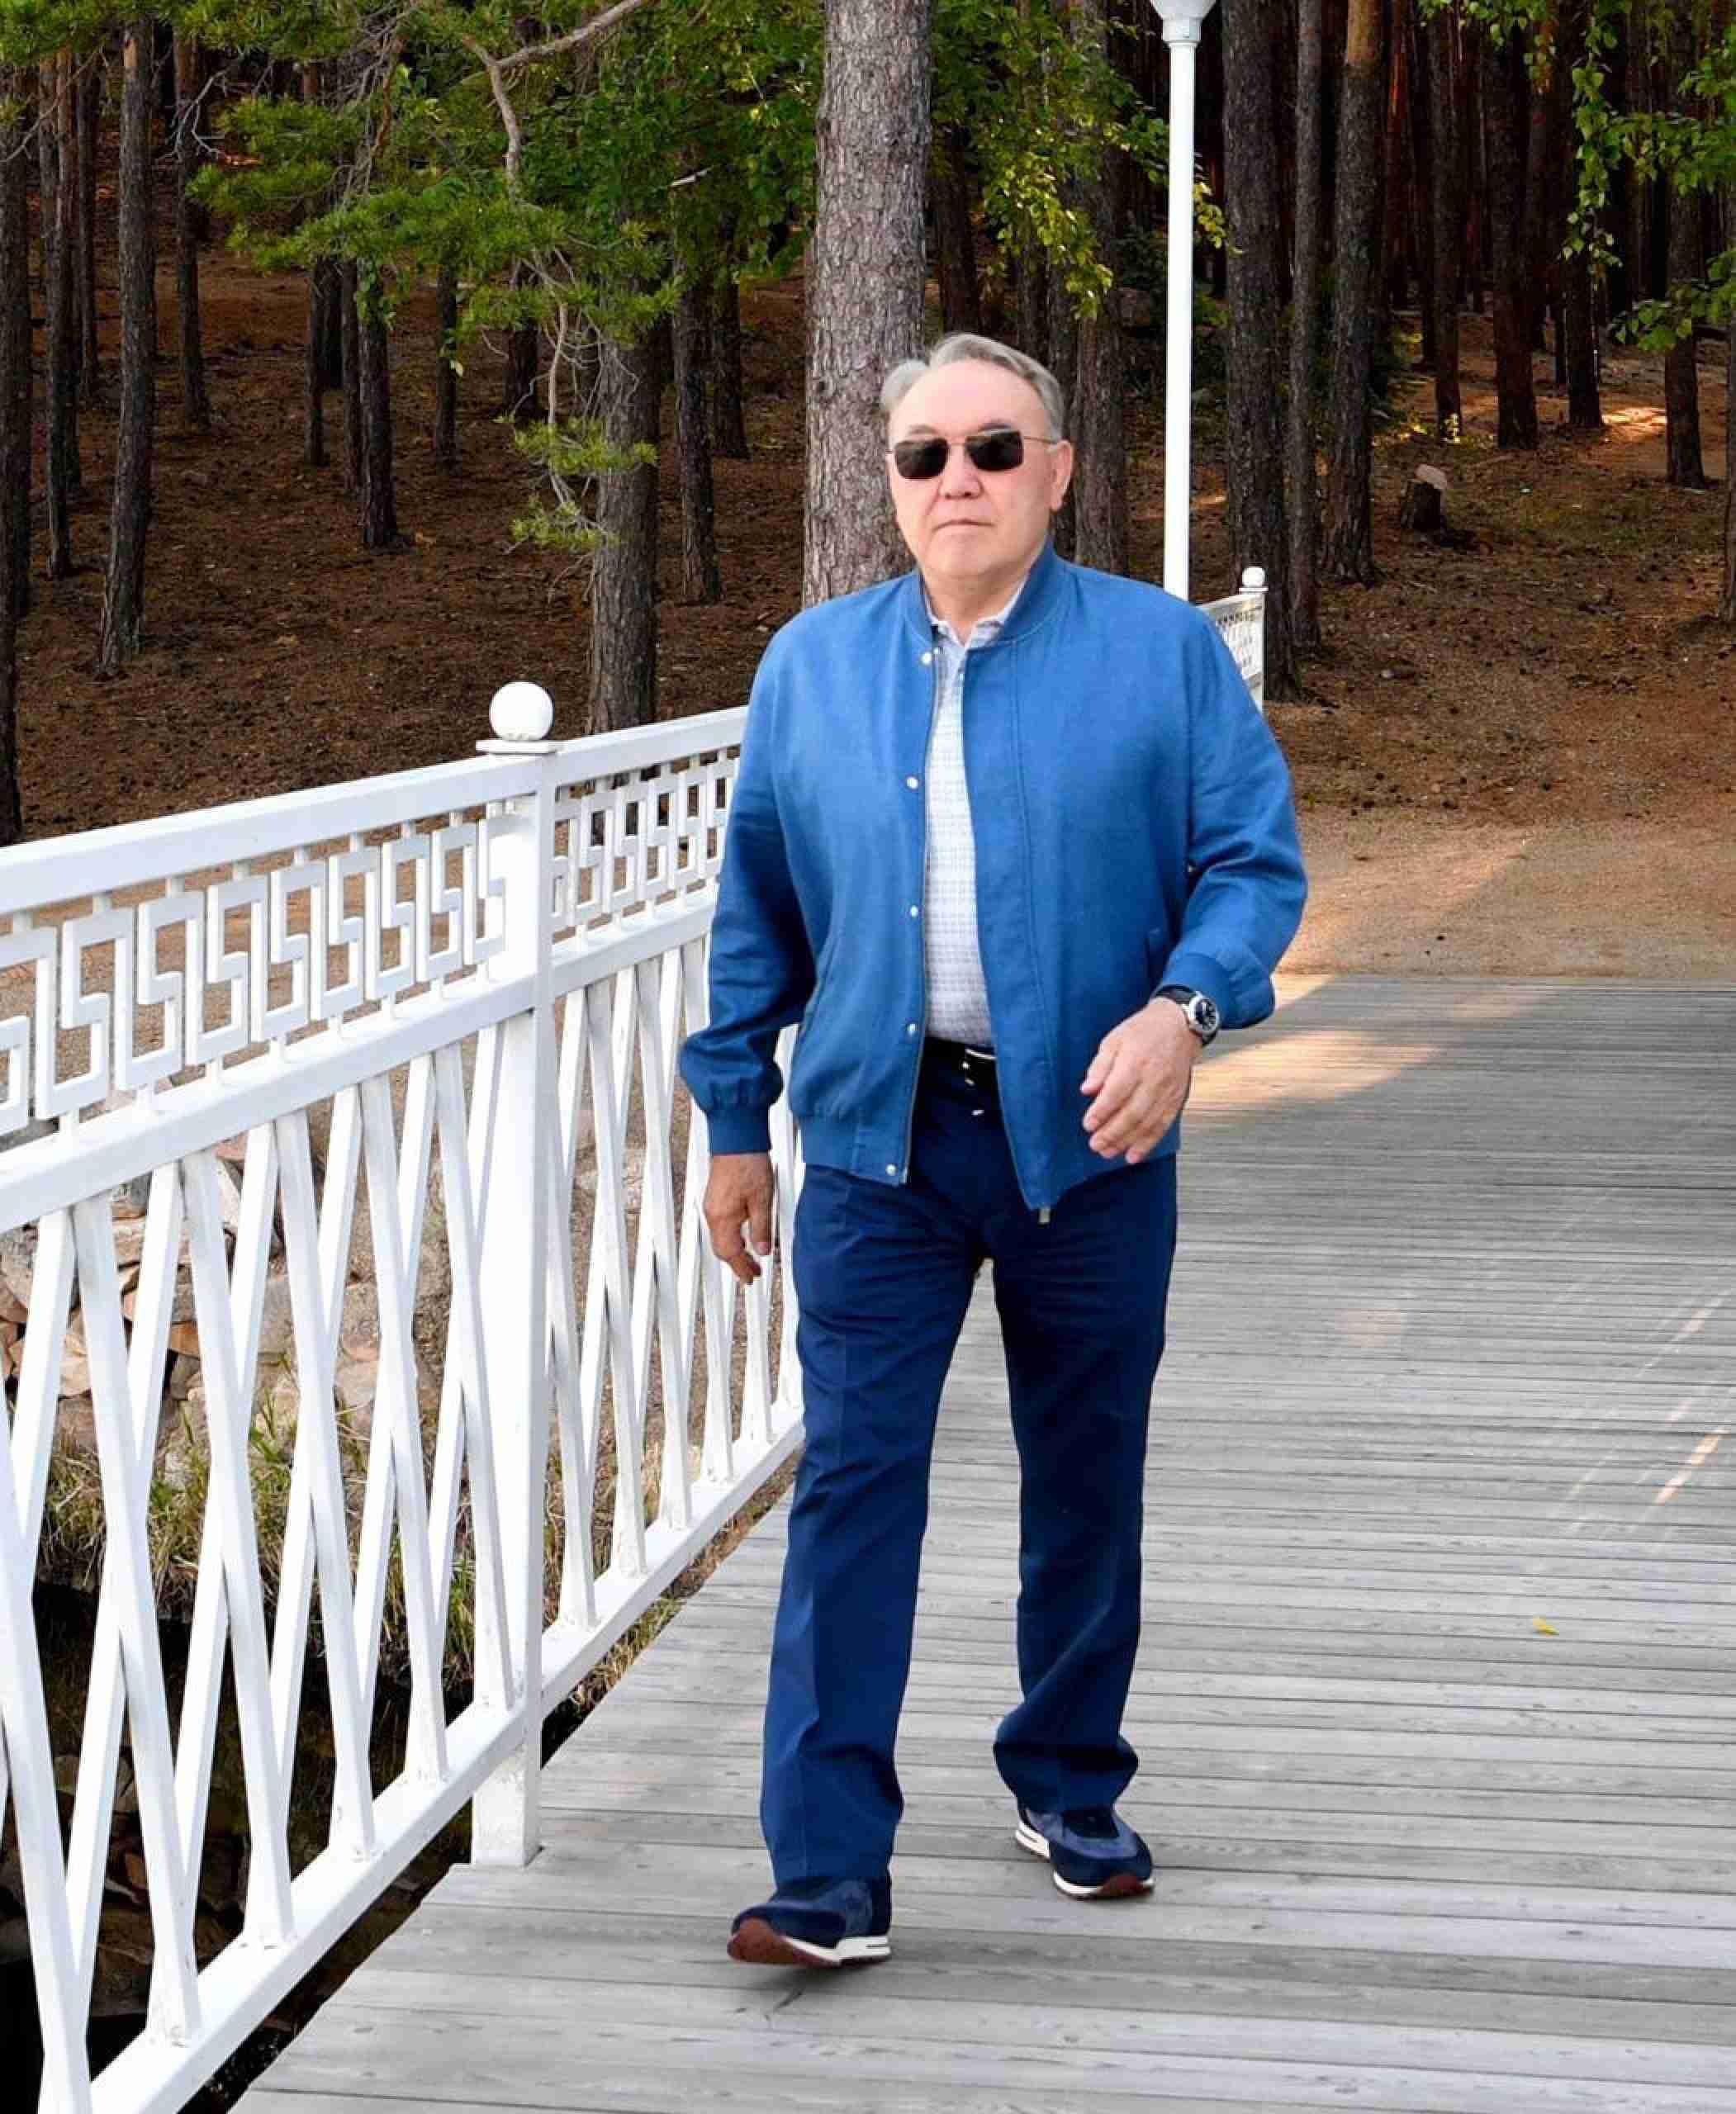 Нурсултан Назарбаев излечился от коронавируса